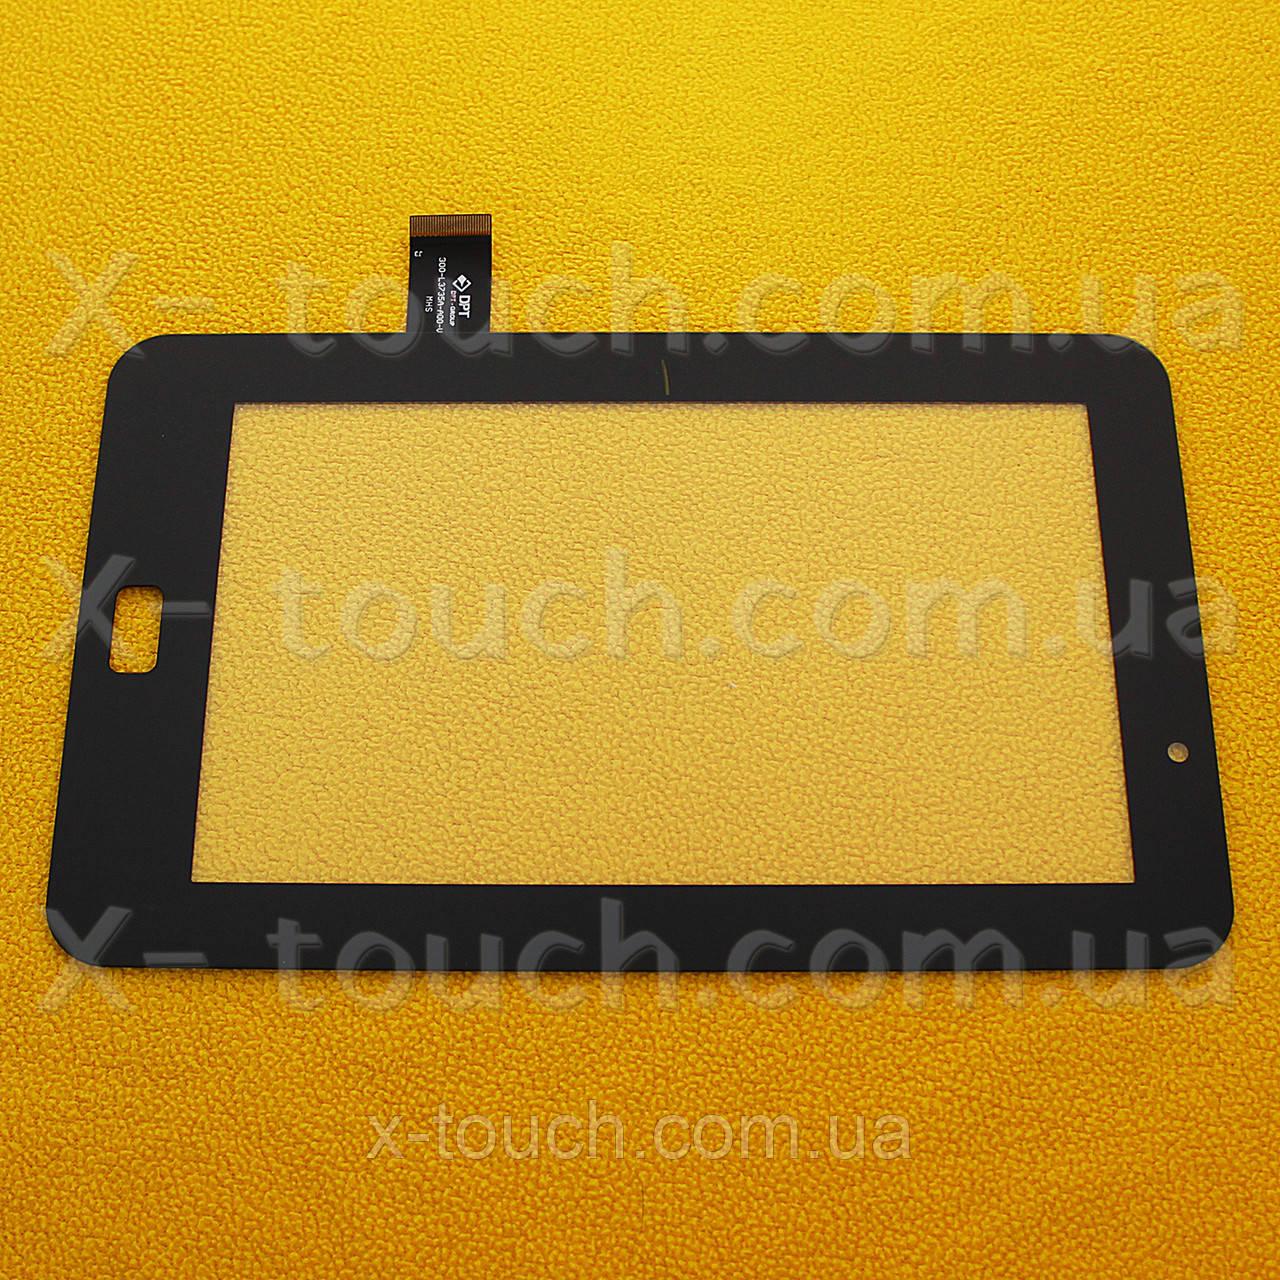 Тачскрин, сенсор  DPT-GRUP 300-L3735A-A00-V1 для планшета